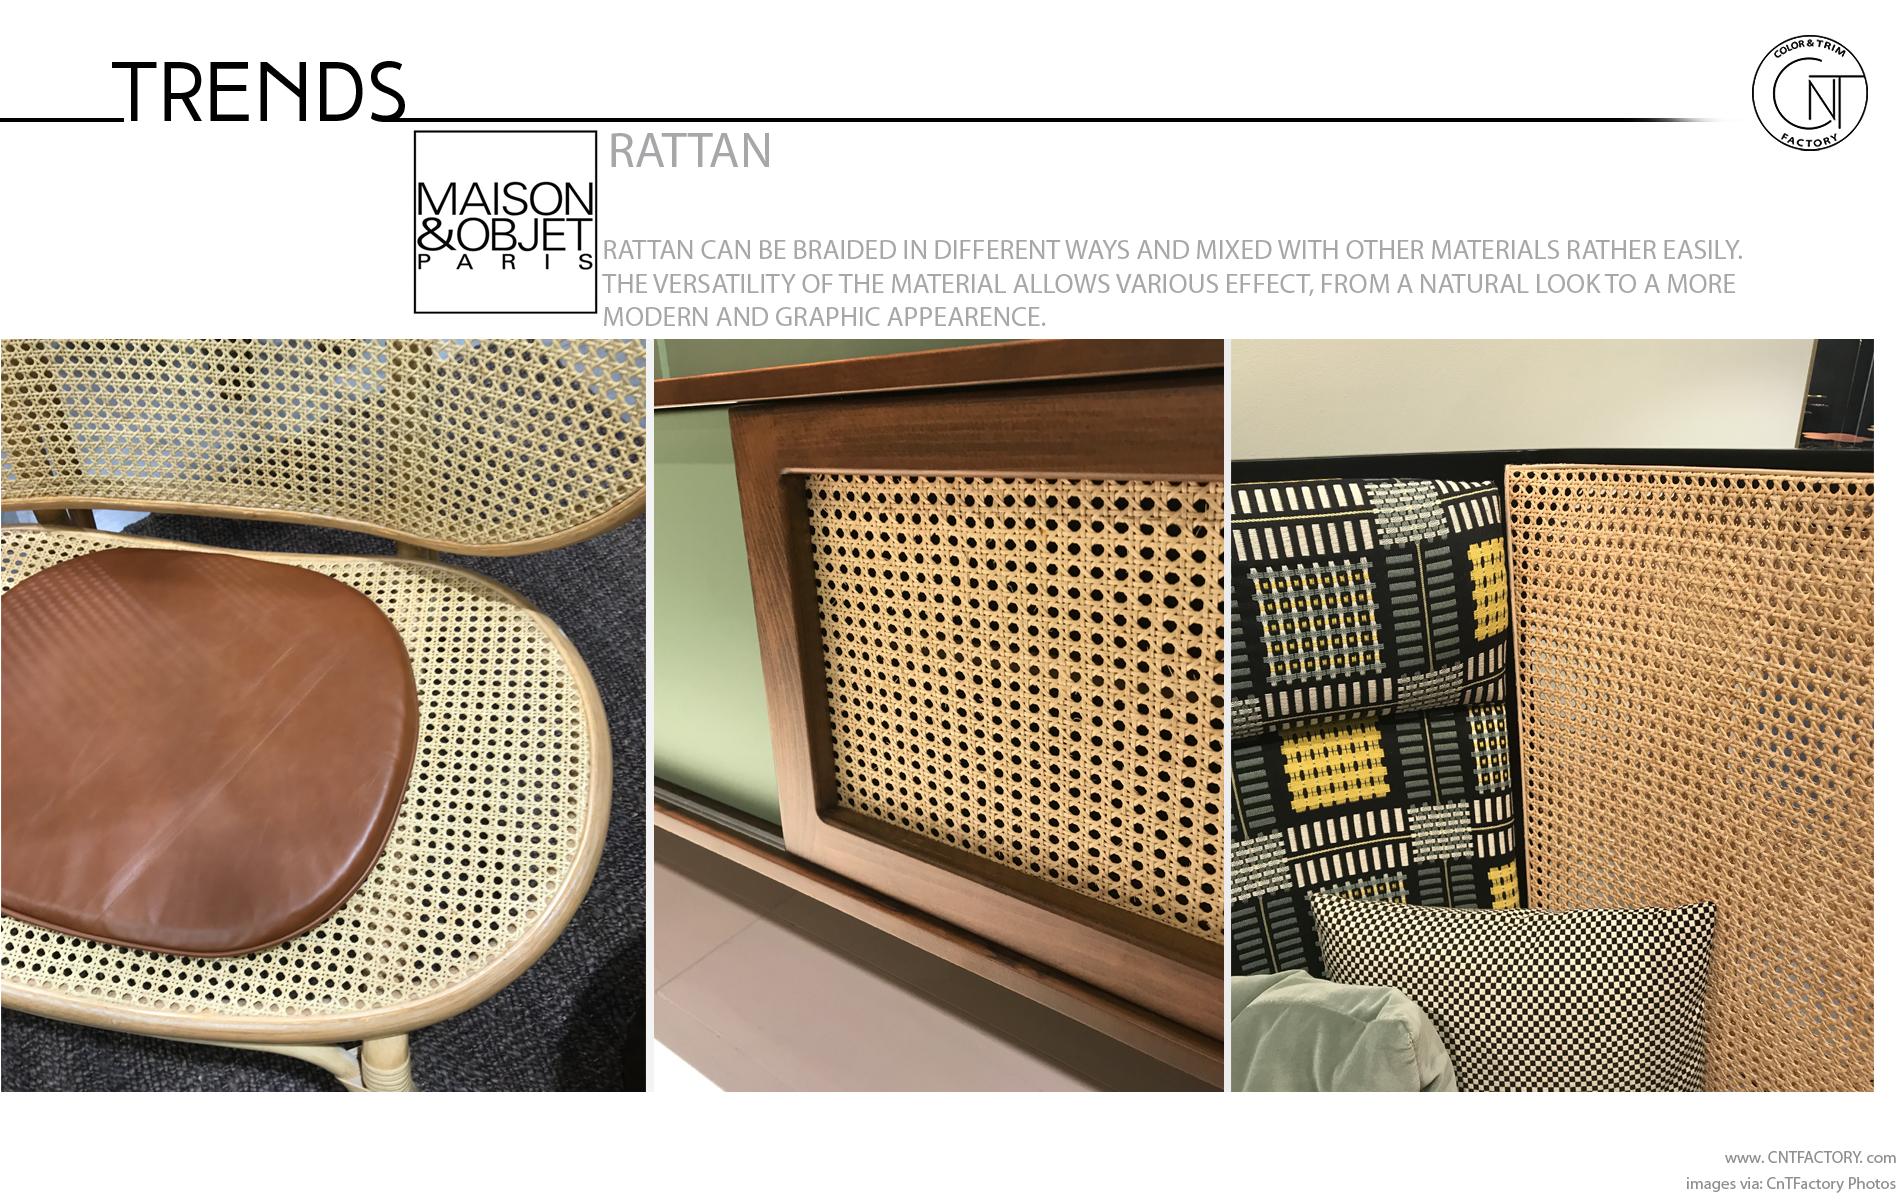 Maison Objet Paris Rattan